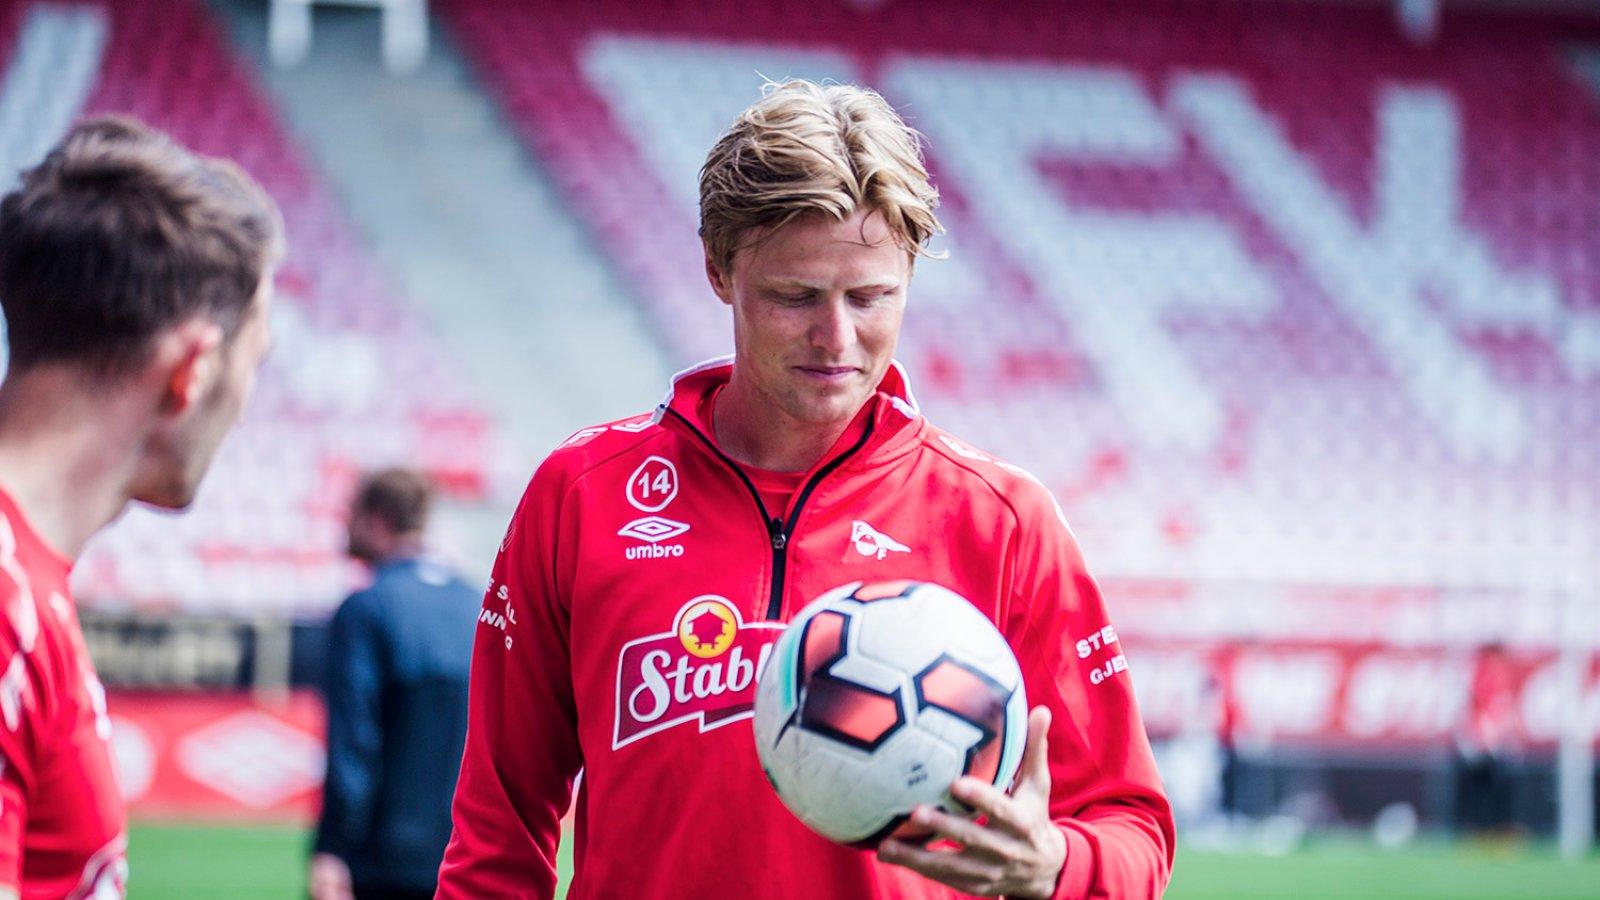 Trening på Stadion mai 2016 - Andreas Aalbu